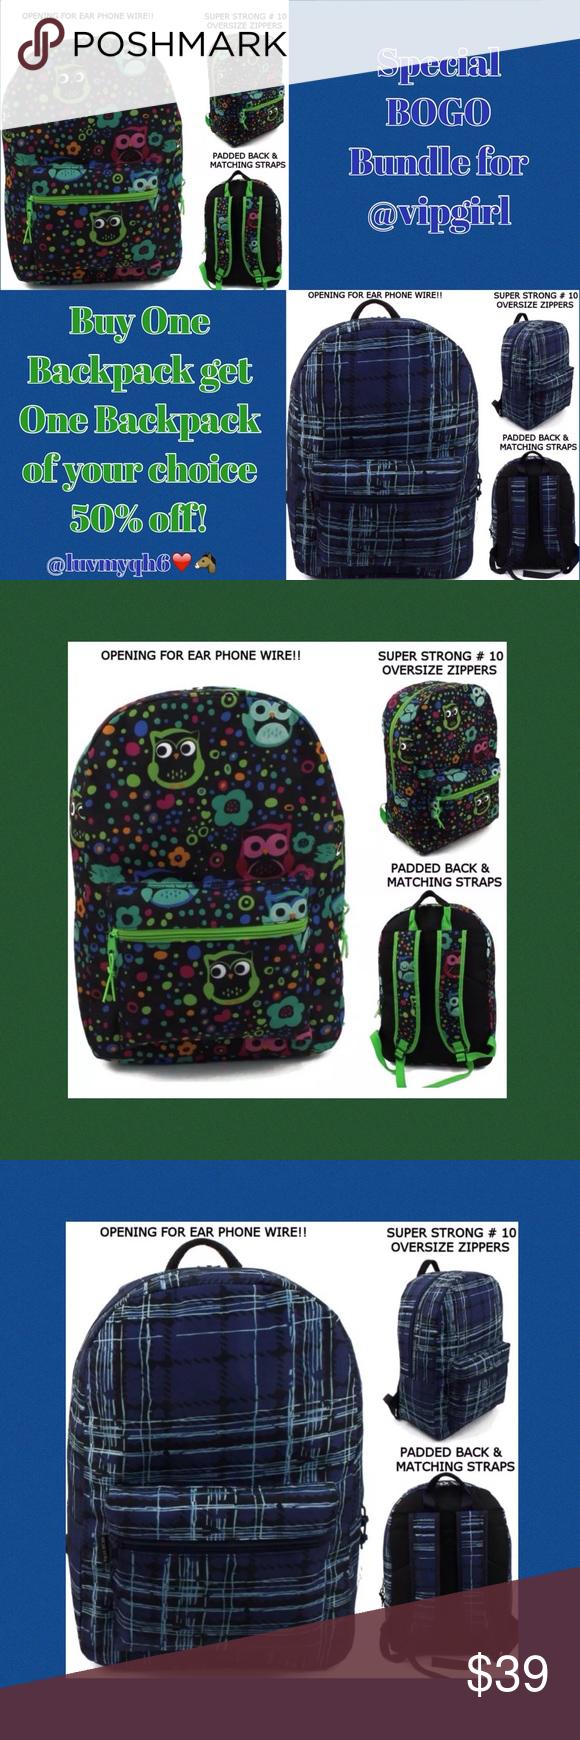 Special offer BOGO for 😂@vipgirl Buy 1 Backpack Get 1 Backpack for 50% off original price. Bags Backpacks